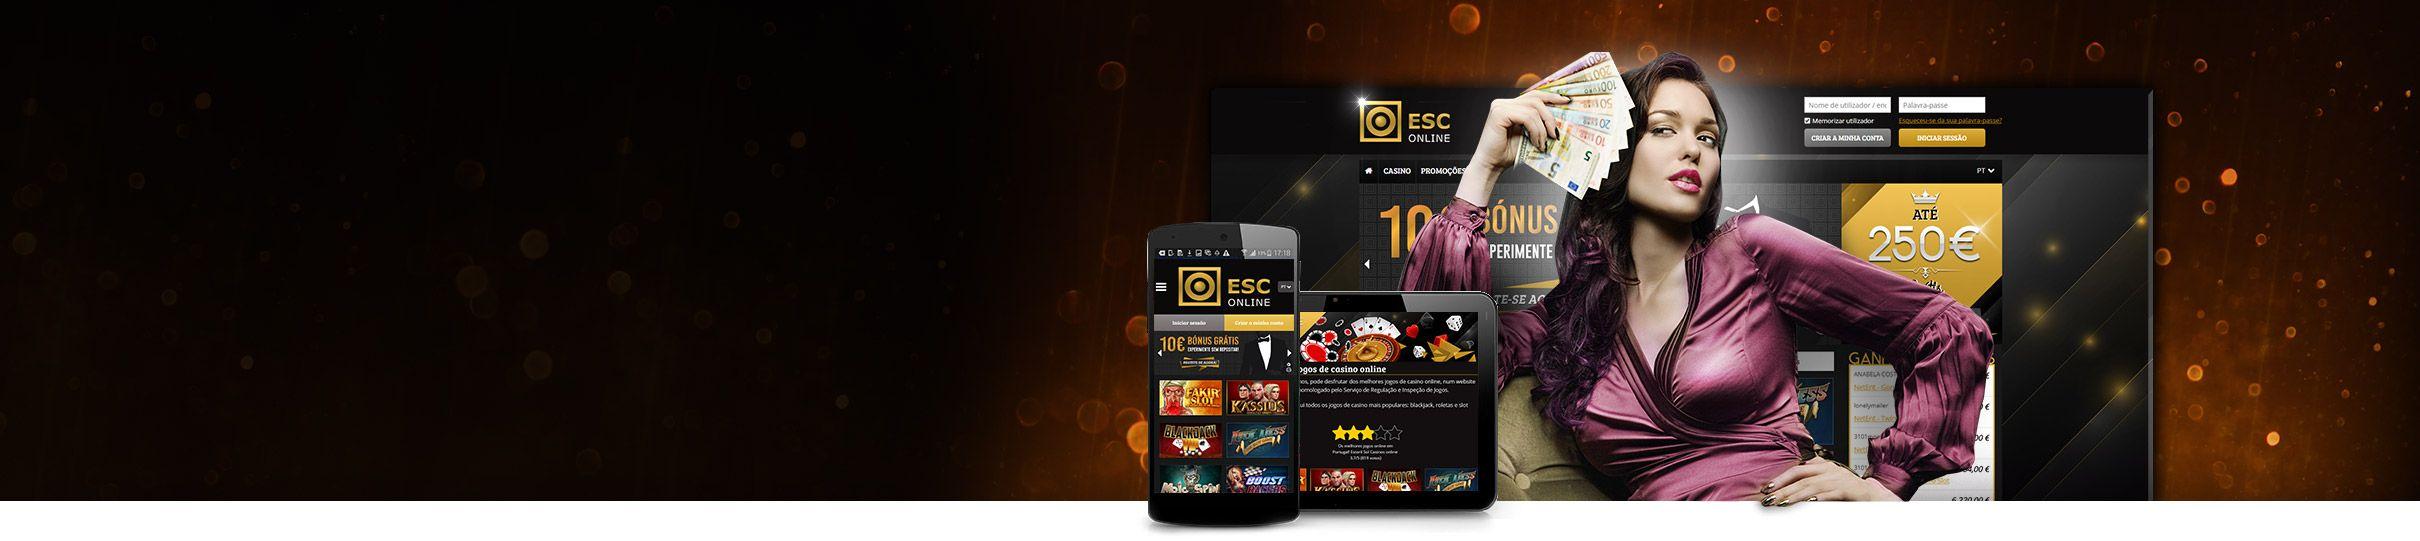 Casino Estoril Sol